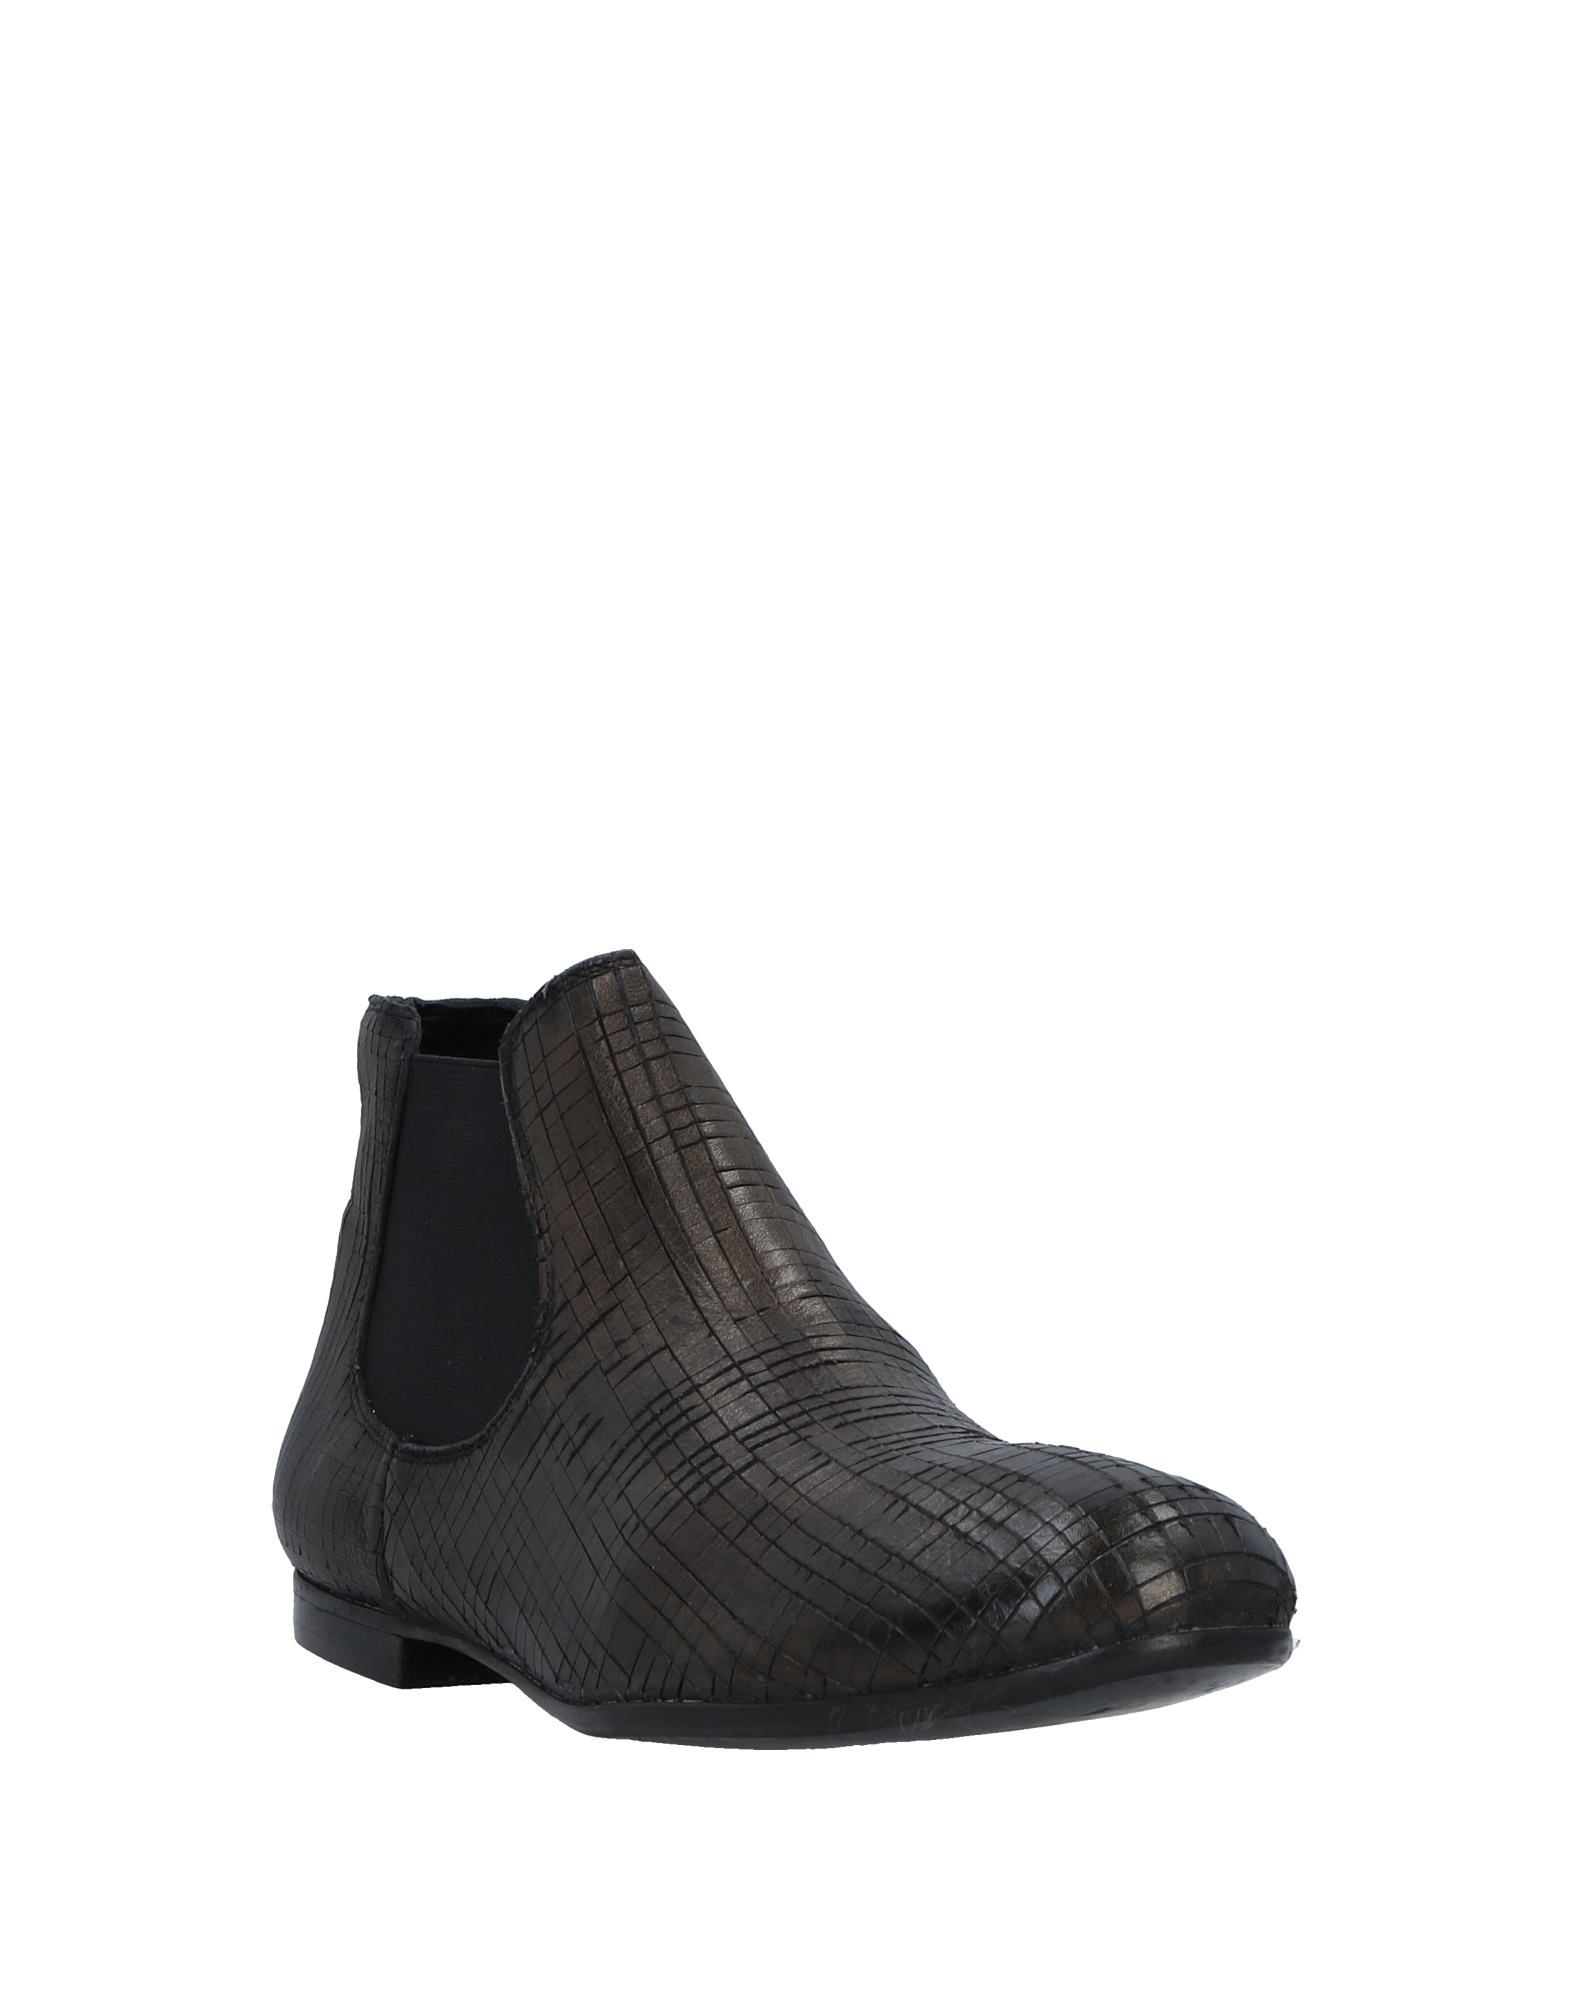 Stilvolle billige Boots Schuhe Diva Shoes Chelsea Boots billige Damen  11526084KR 344eed